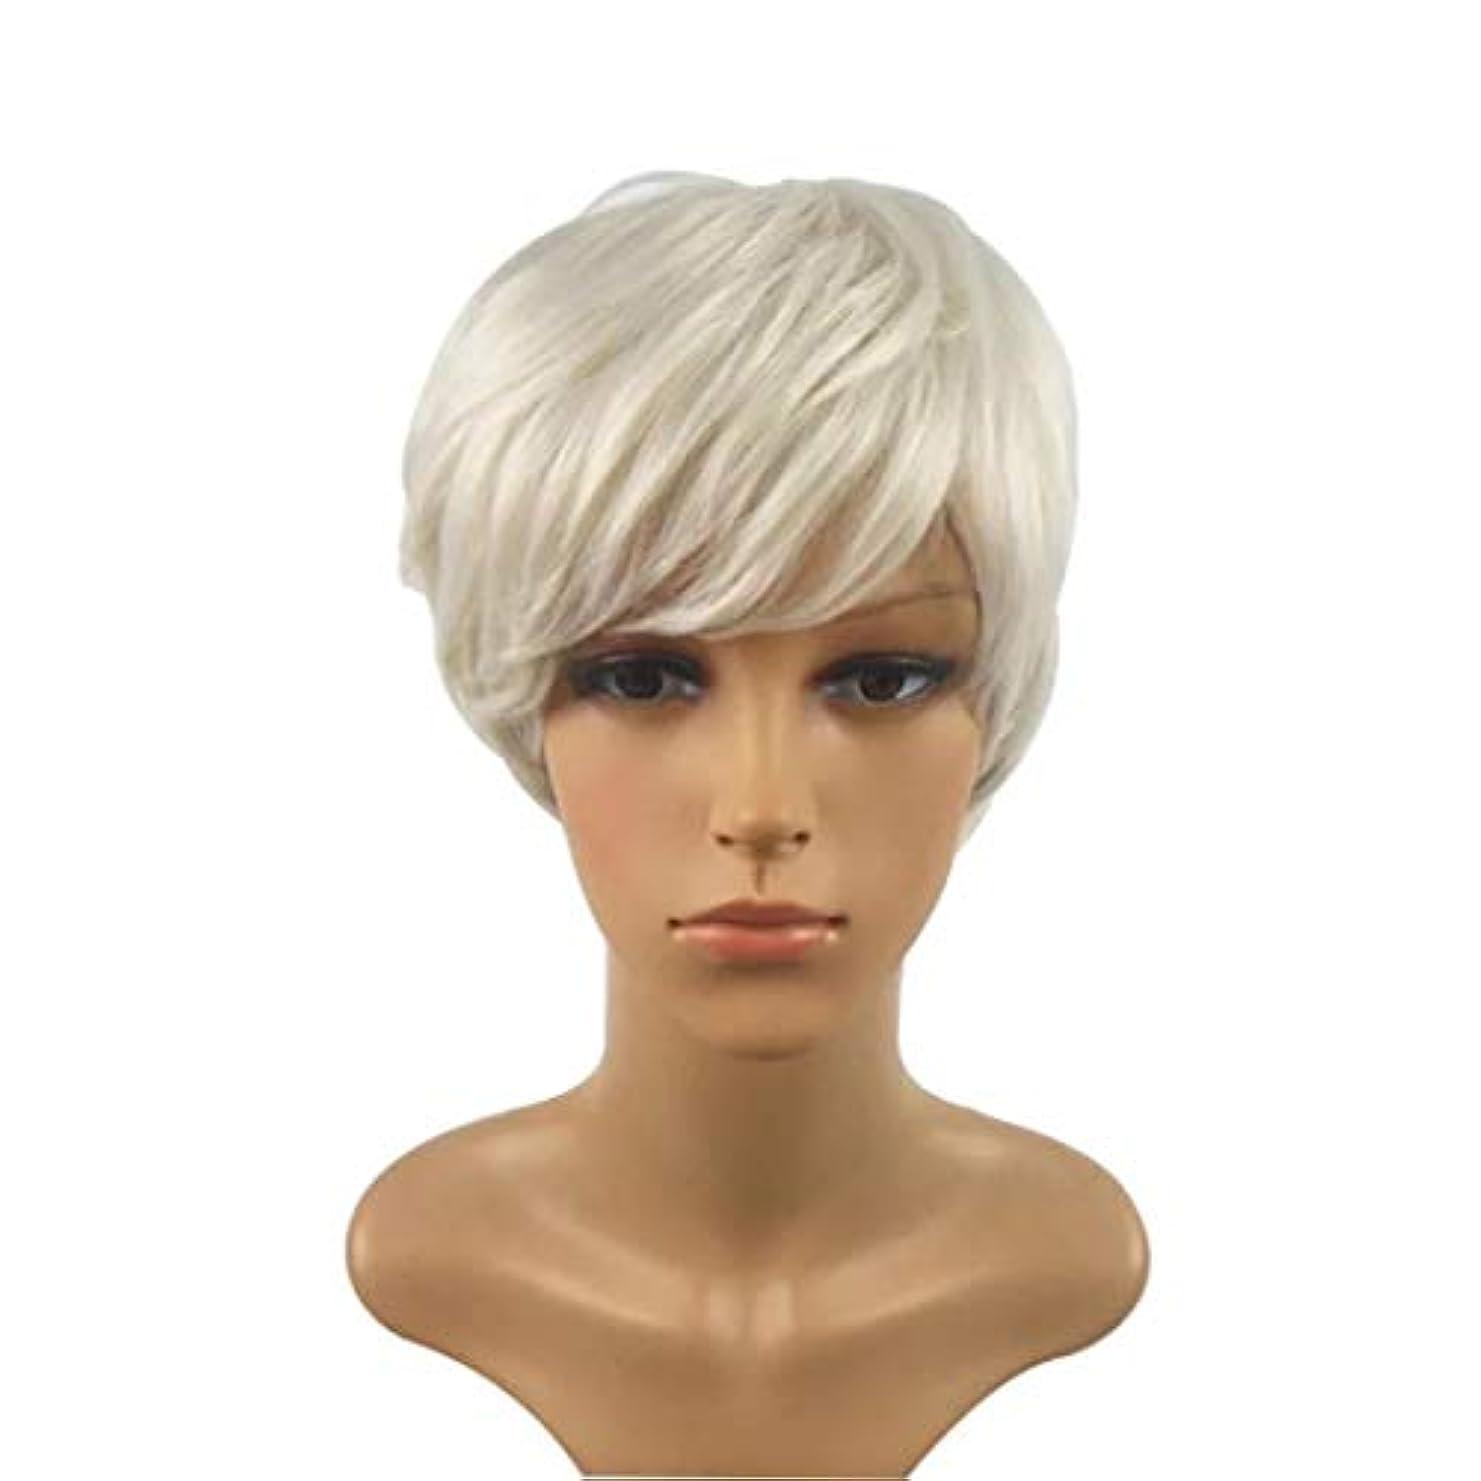 インク熱帯の高度Summerys 短い巻き毛のかつら髪かつら女性のための自然な耐熱フルウィッグ